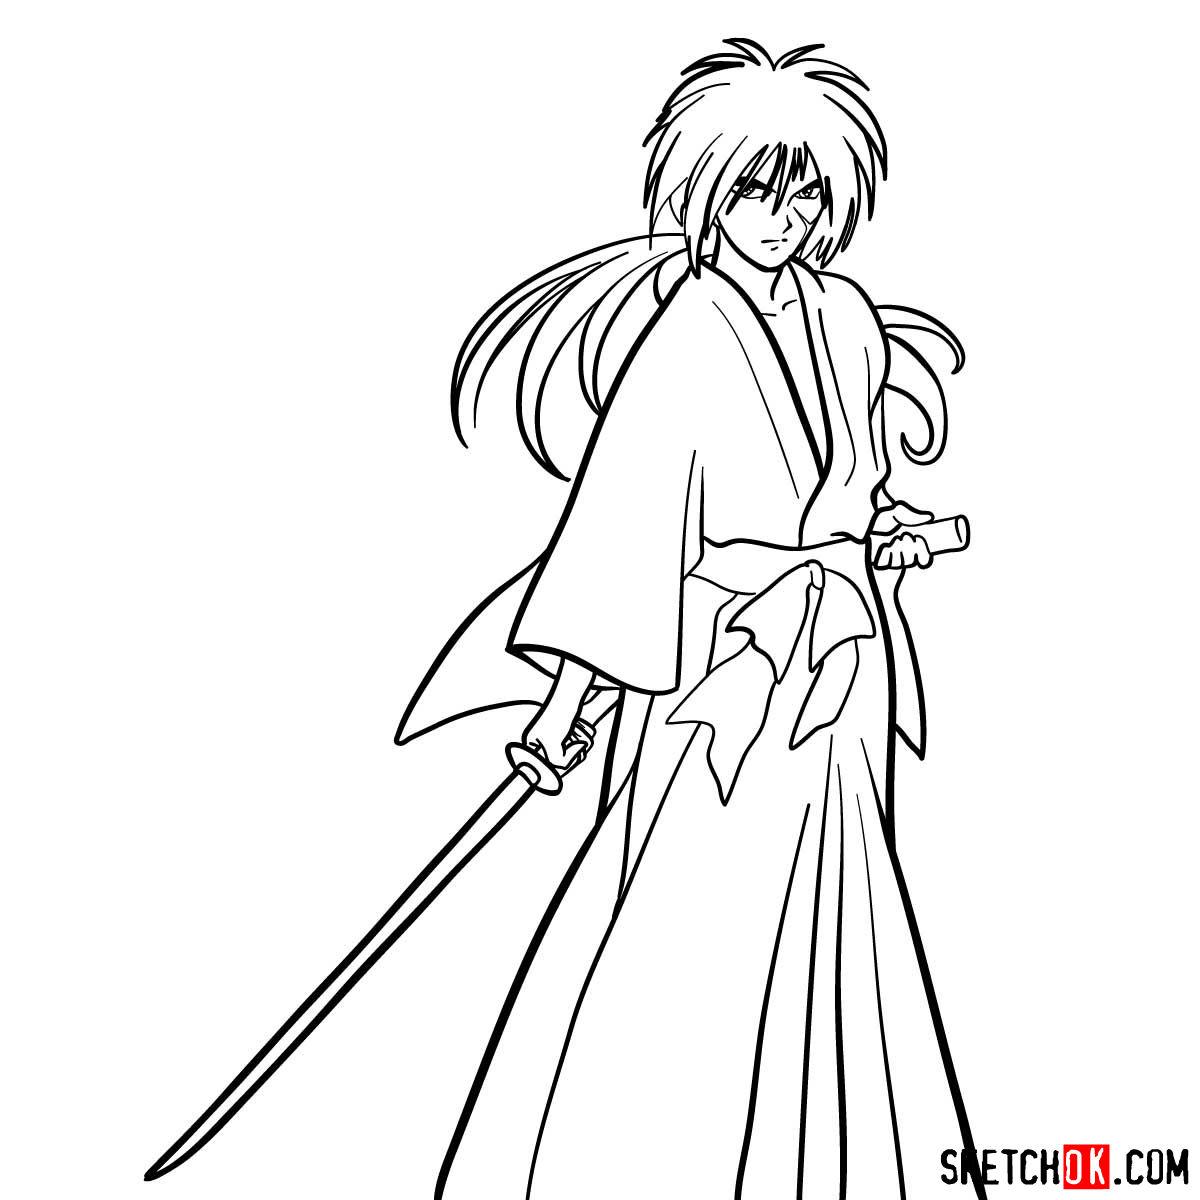 How to draw Himura Kenshin | Rurouni Kenshin